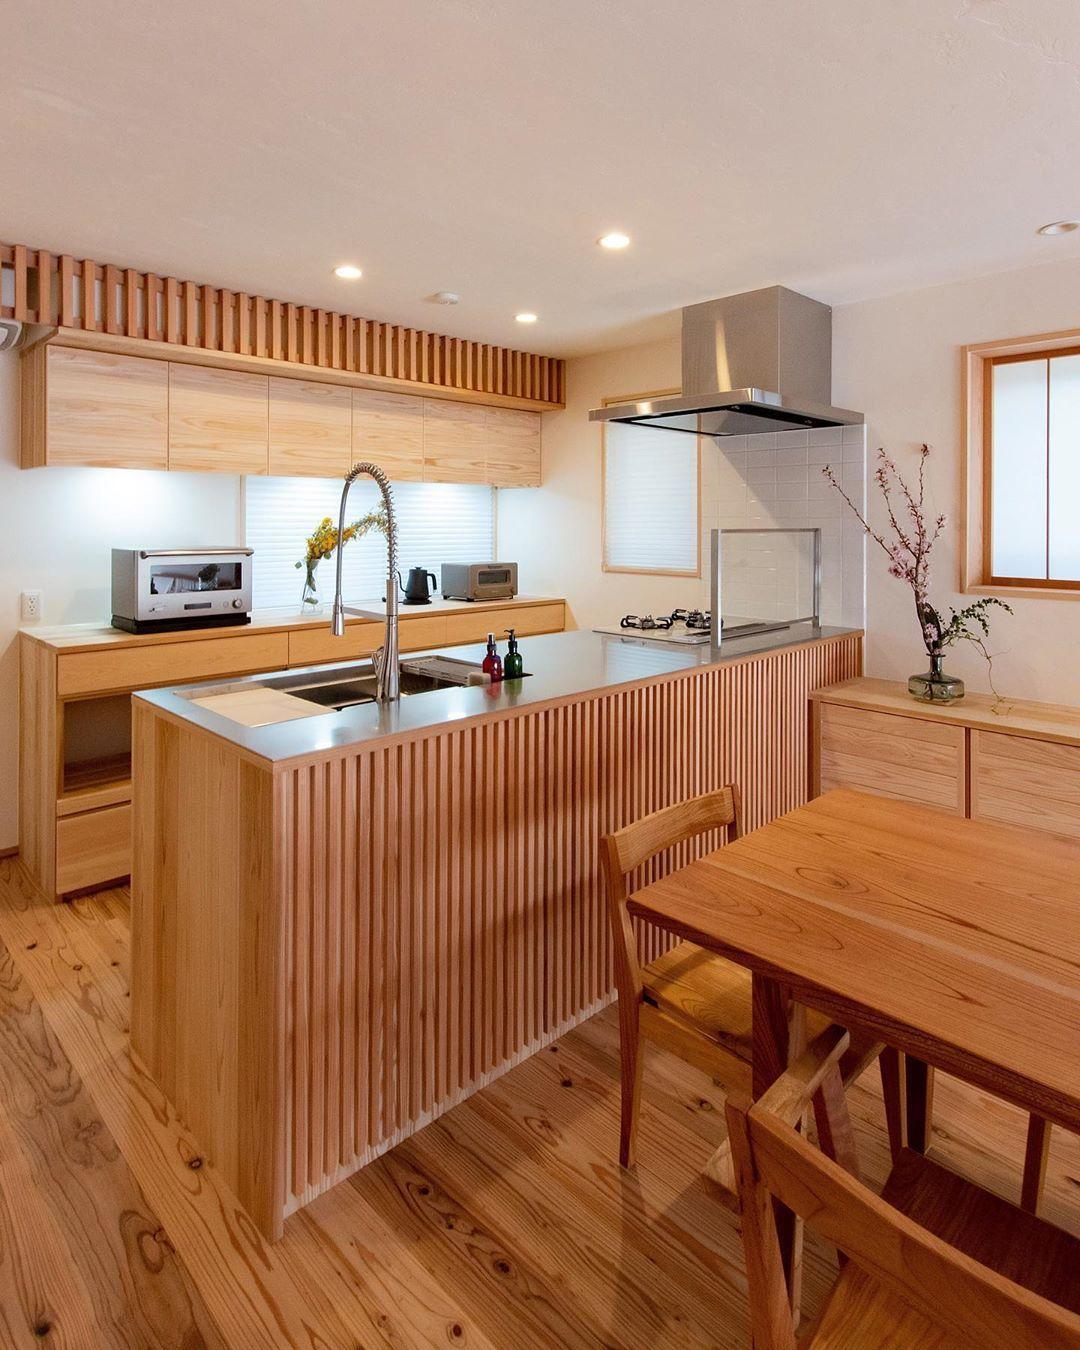 エコ建築考房 S Instagram Profile Post リビング側に木製の細工を施した 対面造作キッチン 背面の収納も造り付けで 吊り戸棚の上部にもアクセントの細工を エアコンの目隠しにもなり 部屋をより美しく見せてくれます キッチン 造り 造作キッチン